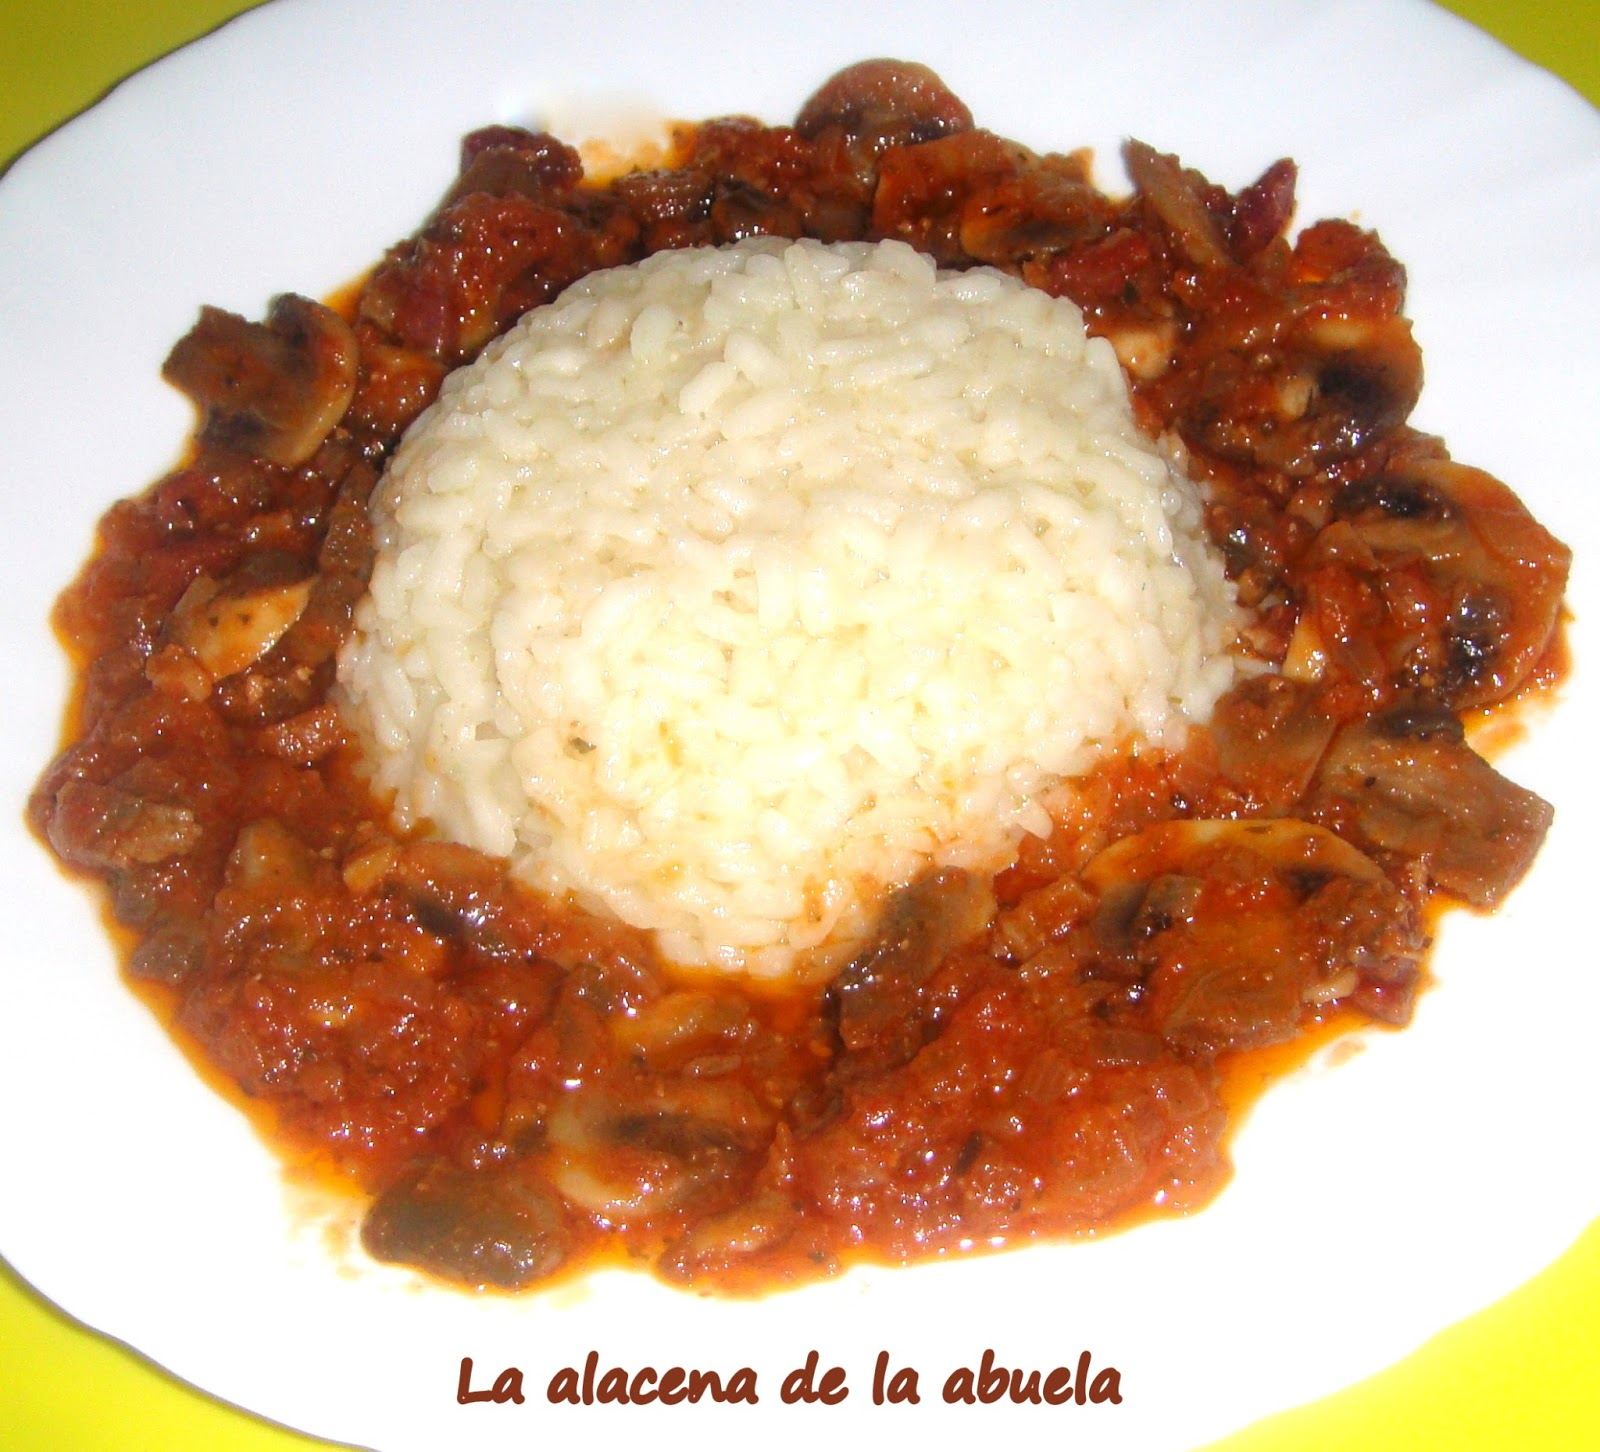 La alacena de la abuela carmen arroz con champi ones - Cocina casera de la abuela ...